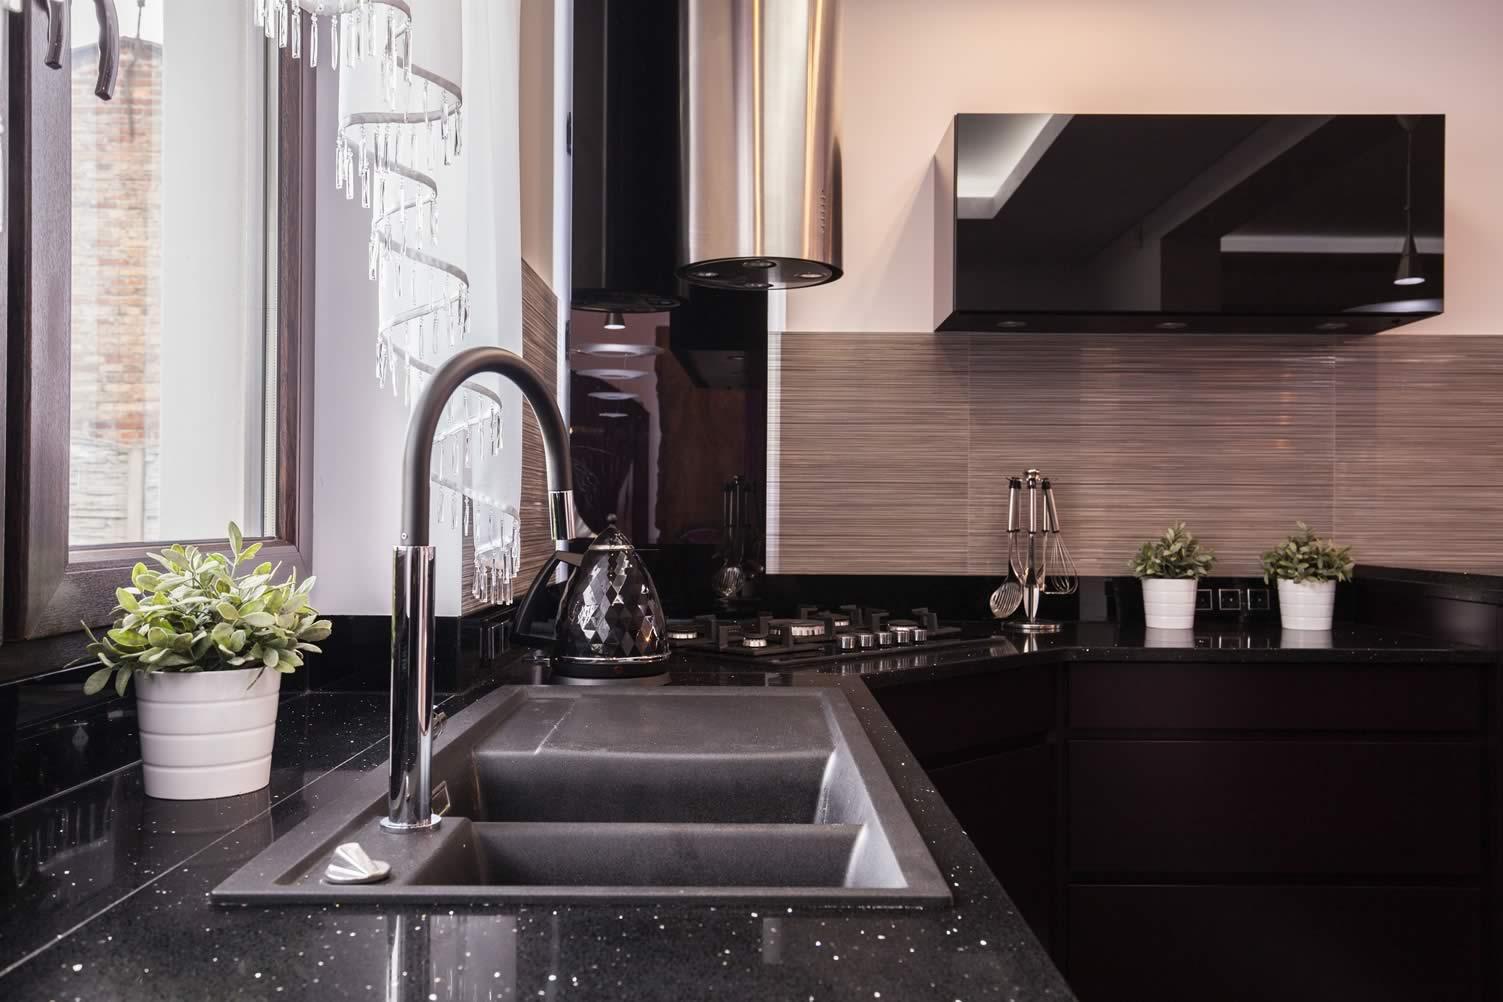 inside kitchen sink